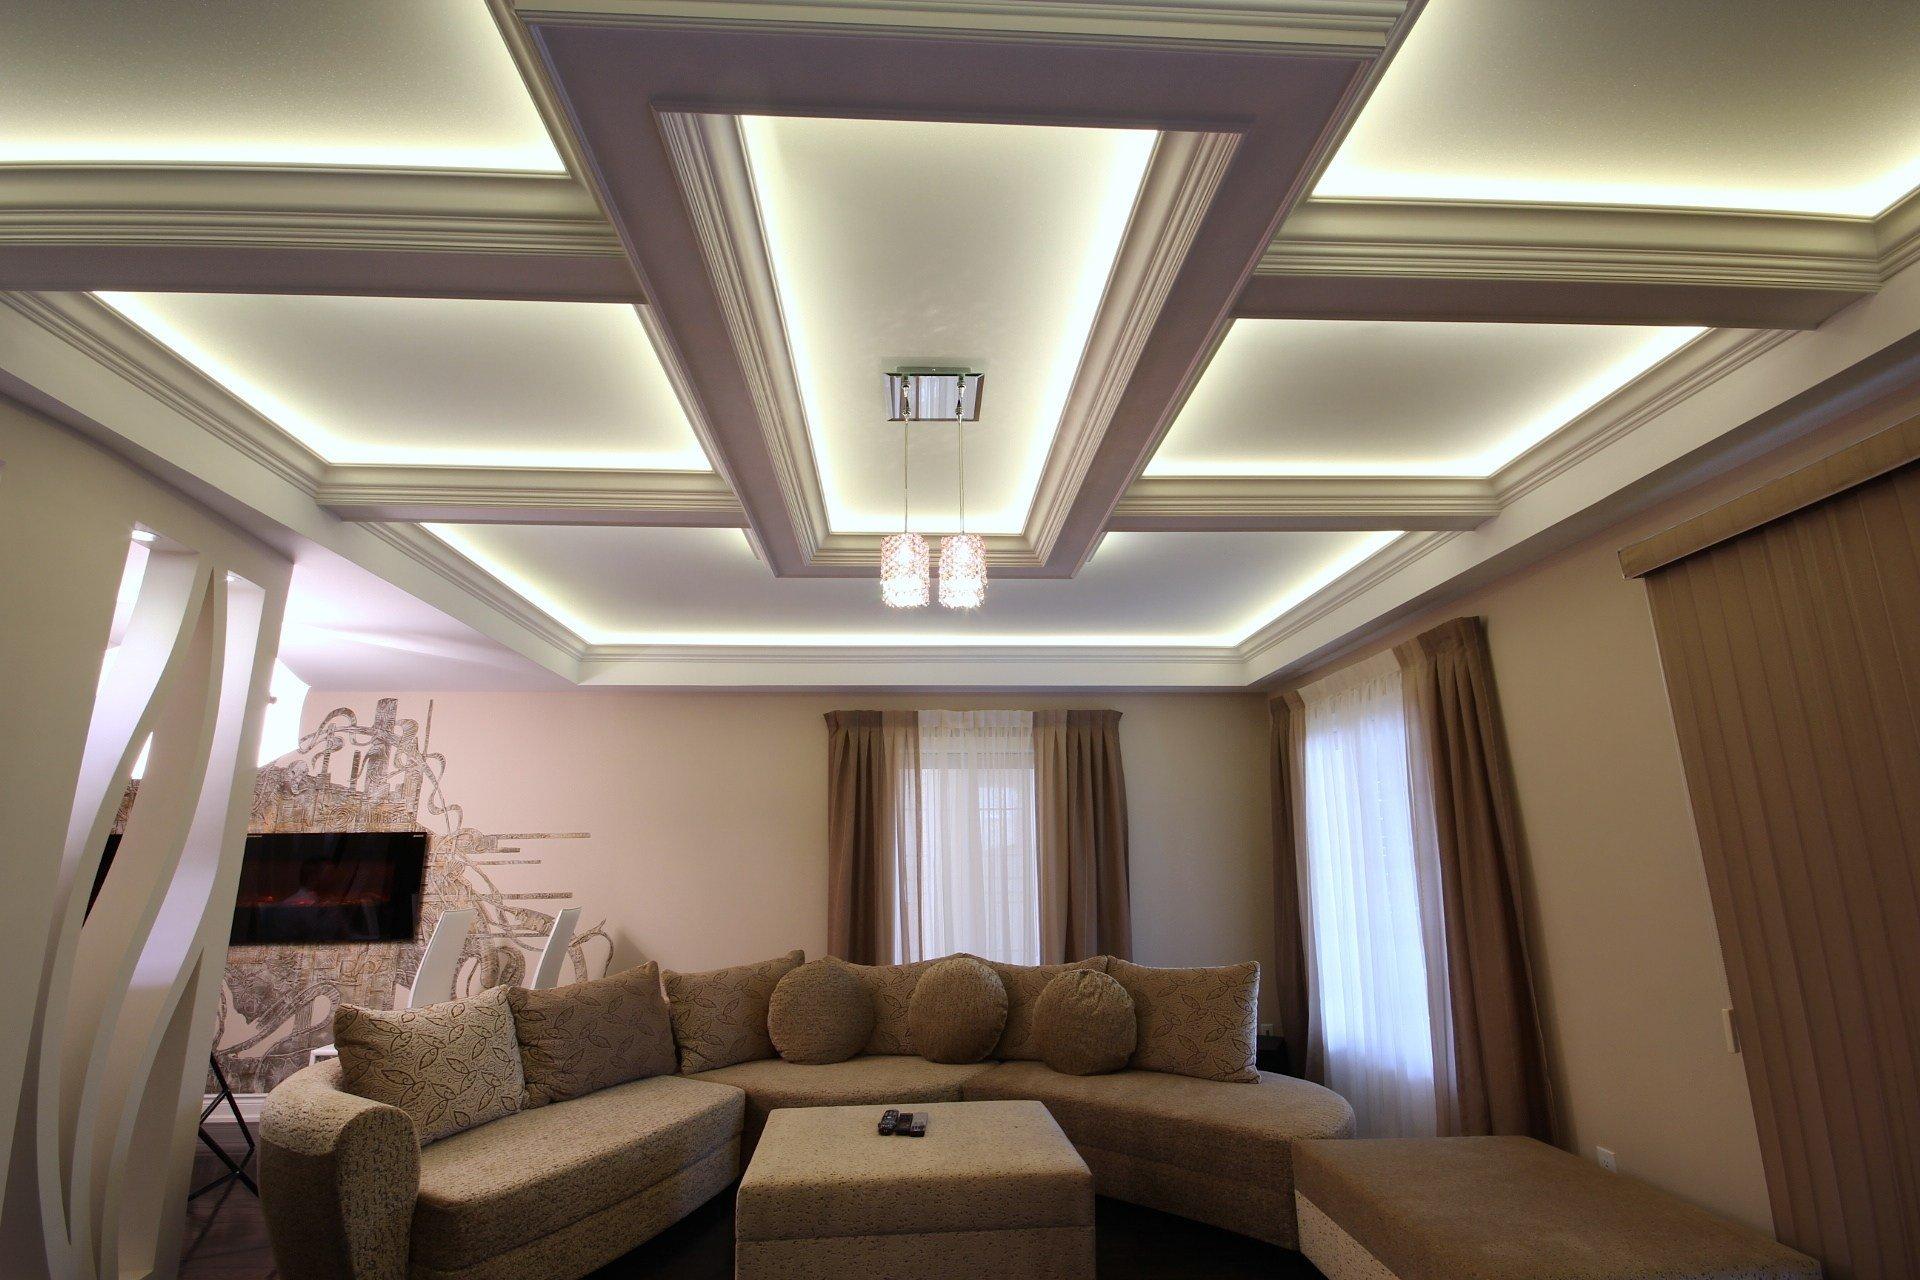 сейчас подвесной потолок из гипсокартона дизайн фото эксклюзивных